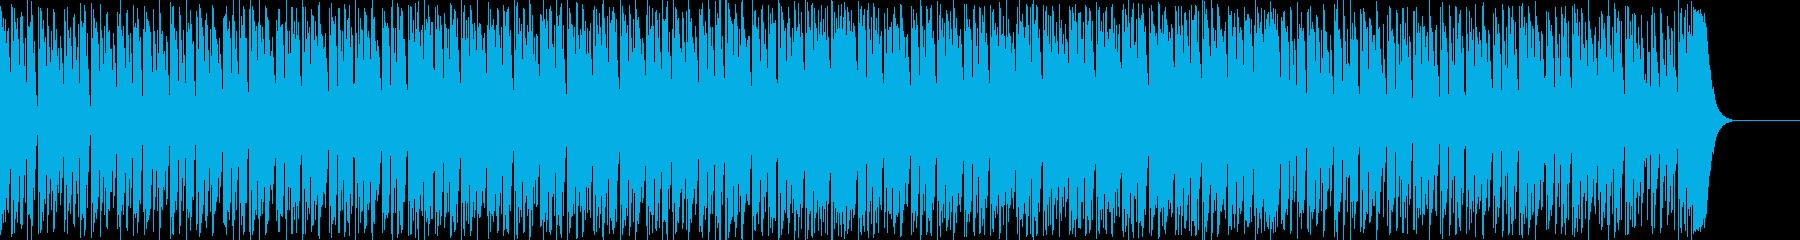 ループがしやすいミニマルテクノの再生済みの波形